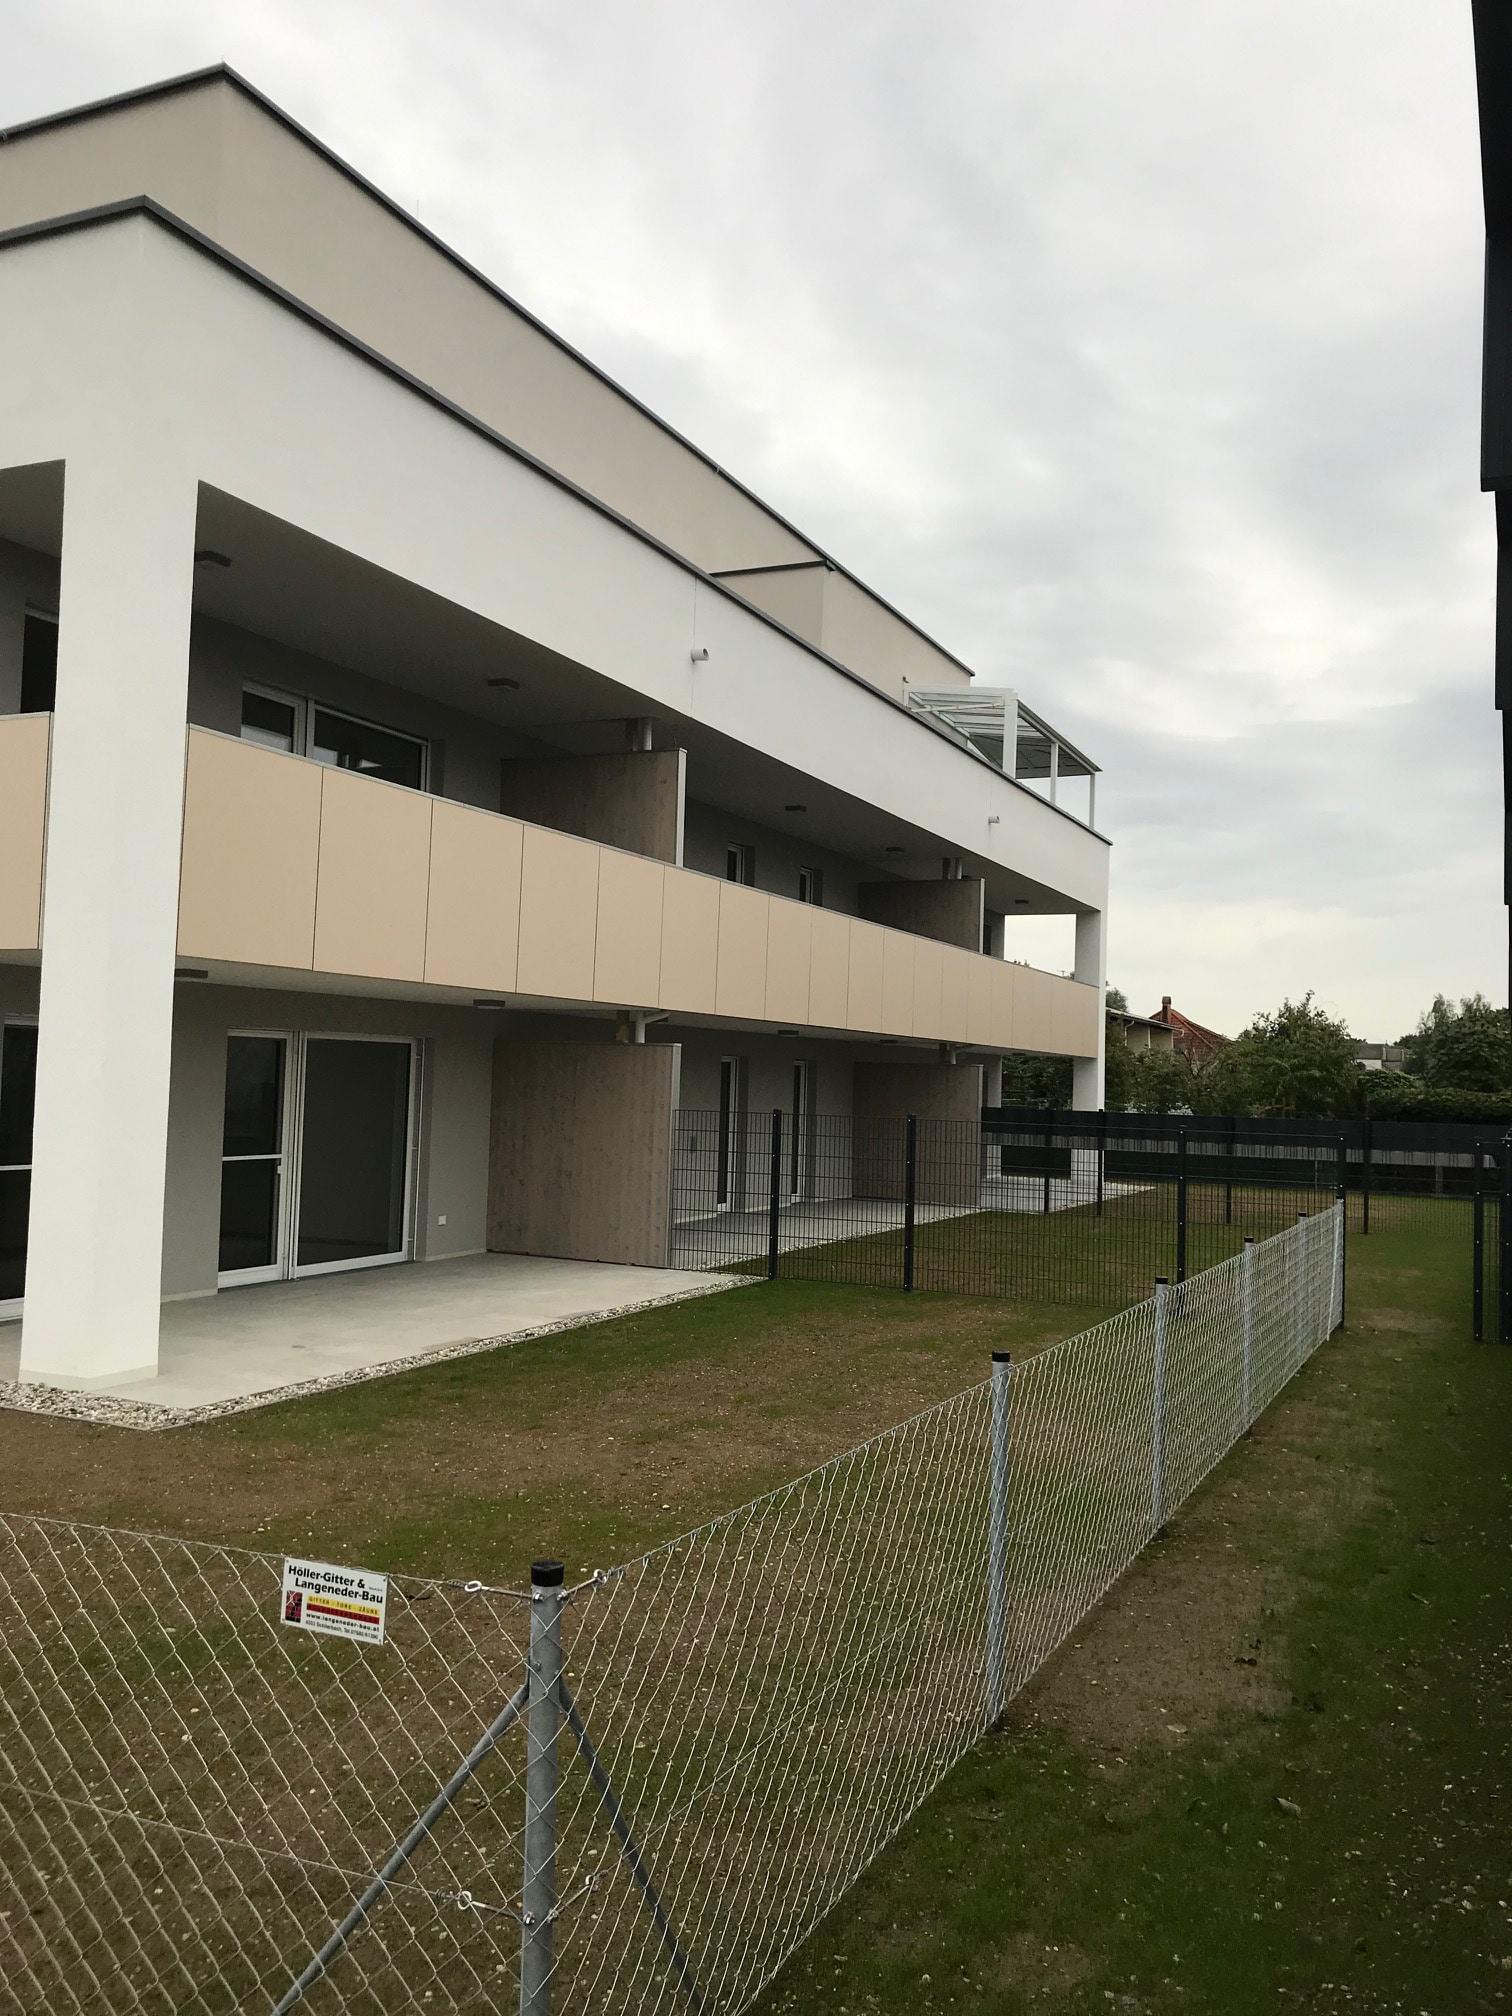 Dachgeschoss Wohnhaus mit einer Schmidinger Überdachung in Alu